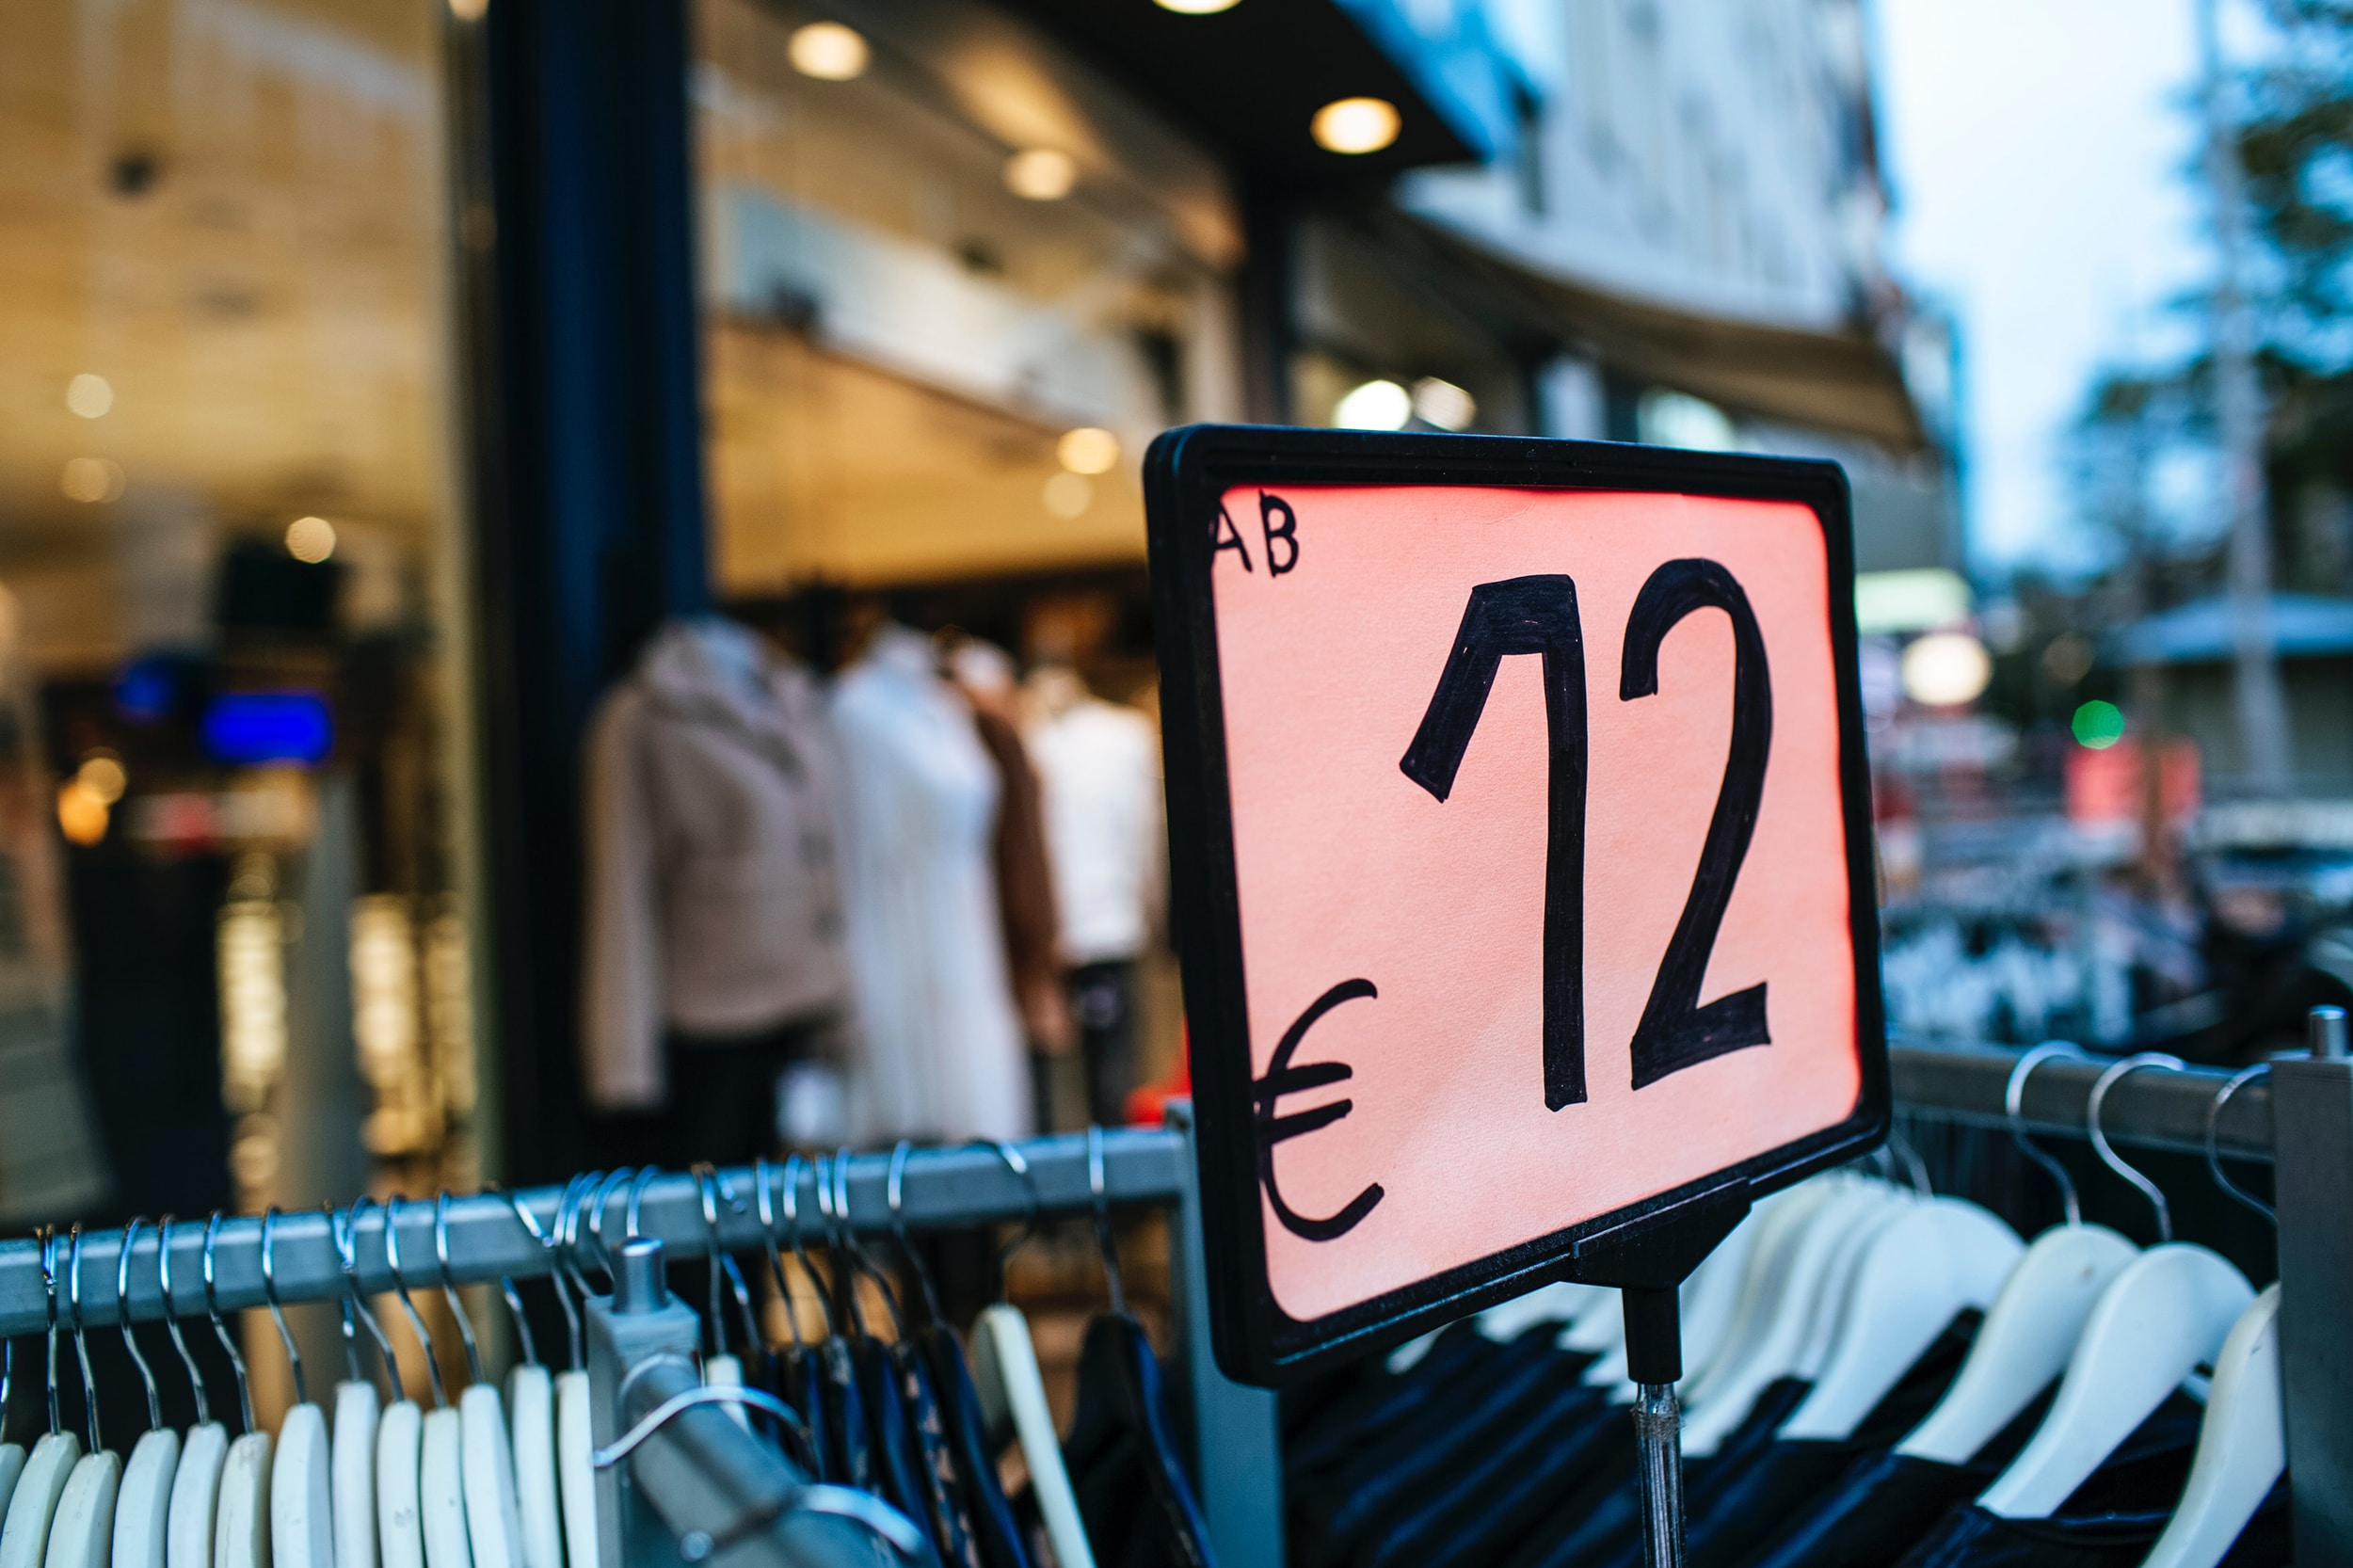 Preisschild auf dem 12 Euro stehen, welches verdeutlich wie günstig Mode ist.